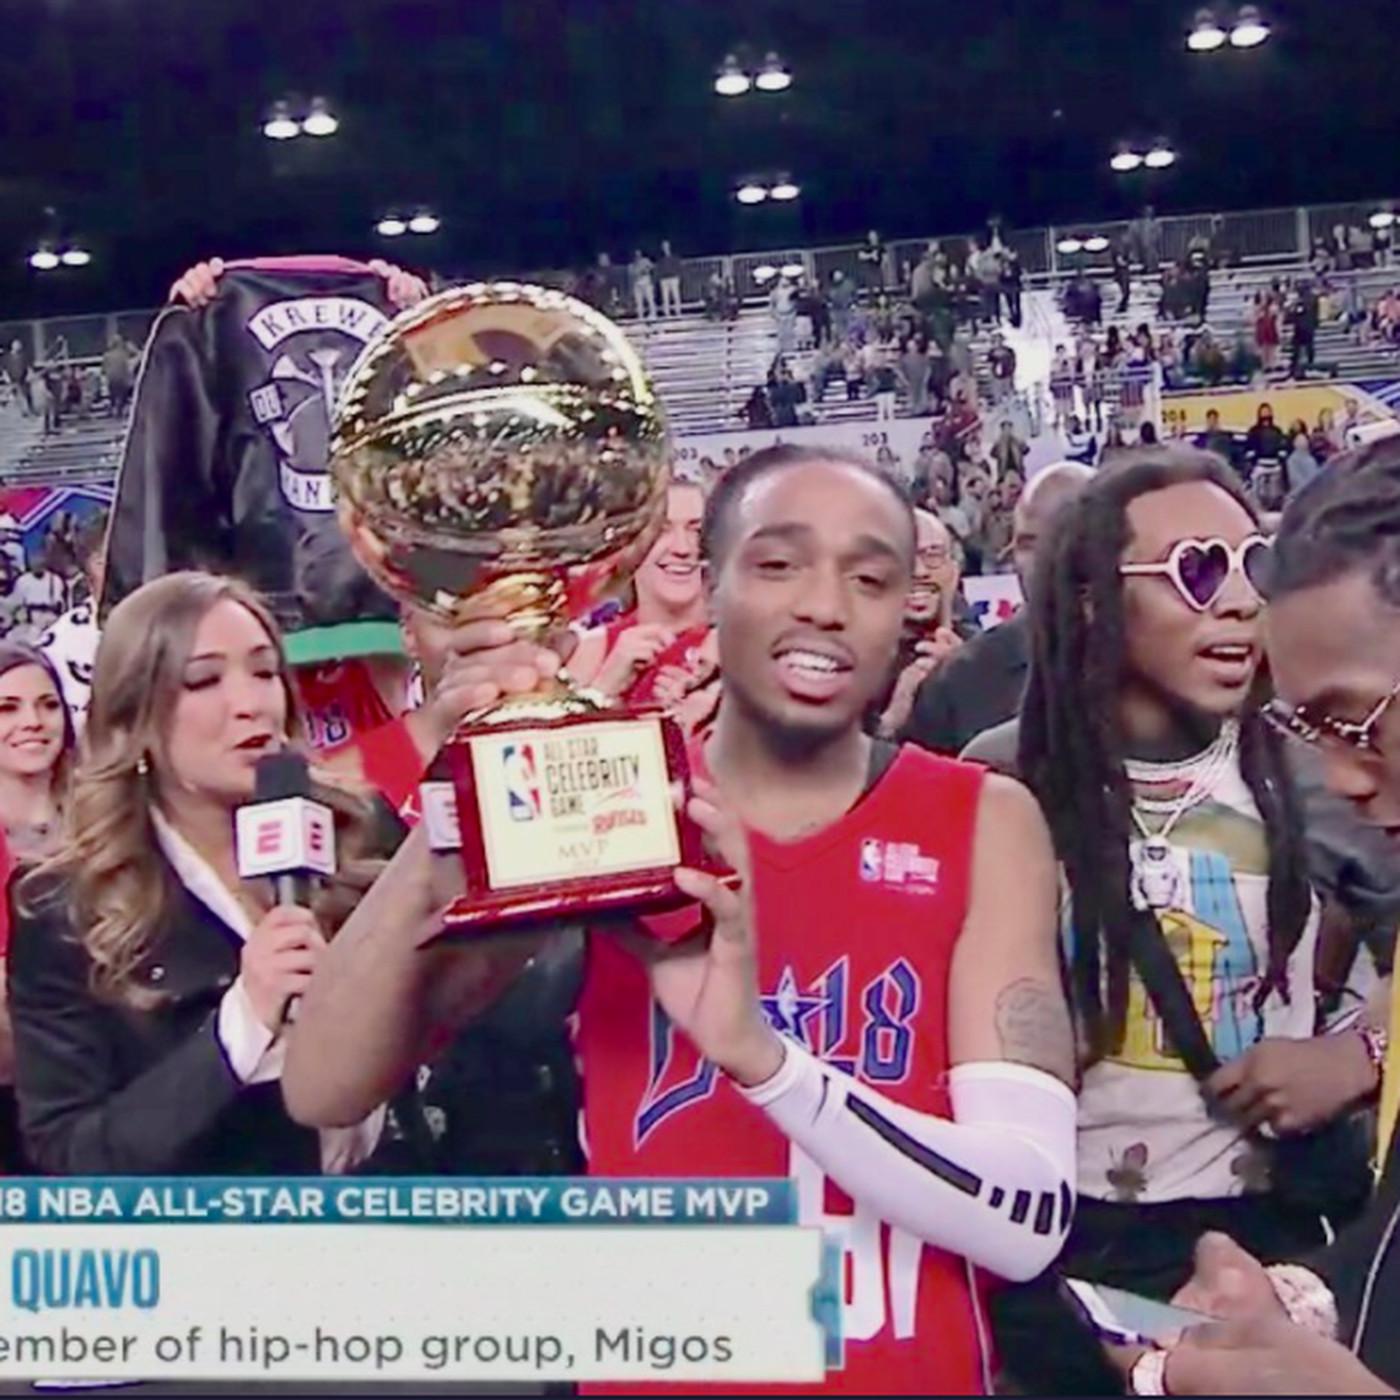 2018 All-Star Celebrity Game  Quavo of Migos wins MVP - SBNation.com db7a387b2